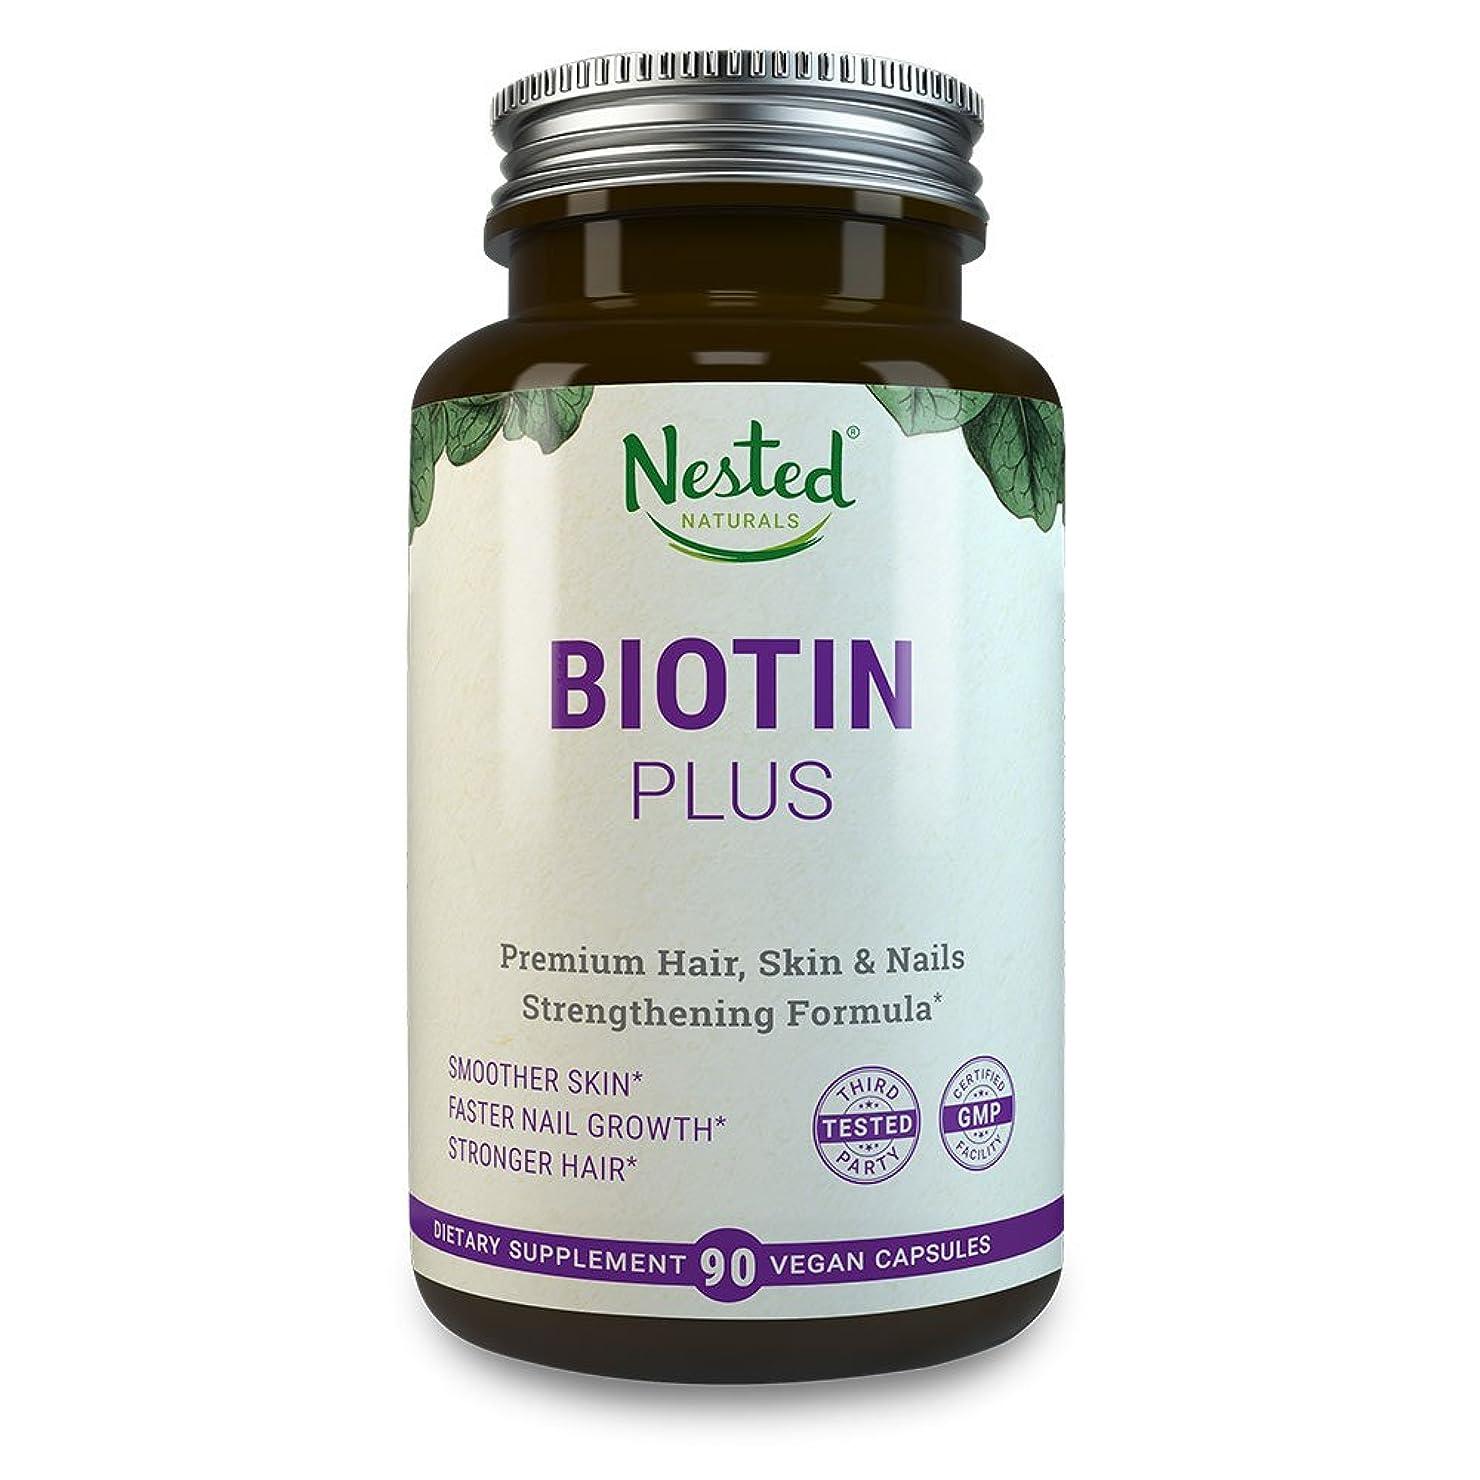 バンケットリラックスしたチキン最高のビオチン処方 | ビオチン?プラス Nested Naturals製 | 髪?皮膚?爪の先進複合体 ビオチン 5,000mcg + ビタミンC、E、B3、B6、B12配合 | 非GMO(遺伝子組み換え無し)、ヴィーガン - 生涯保証